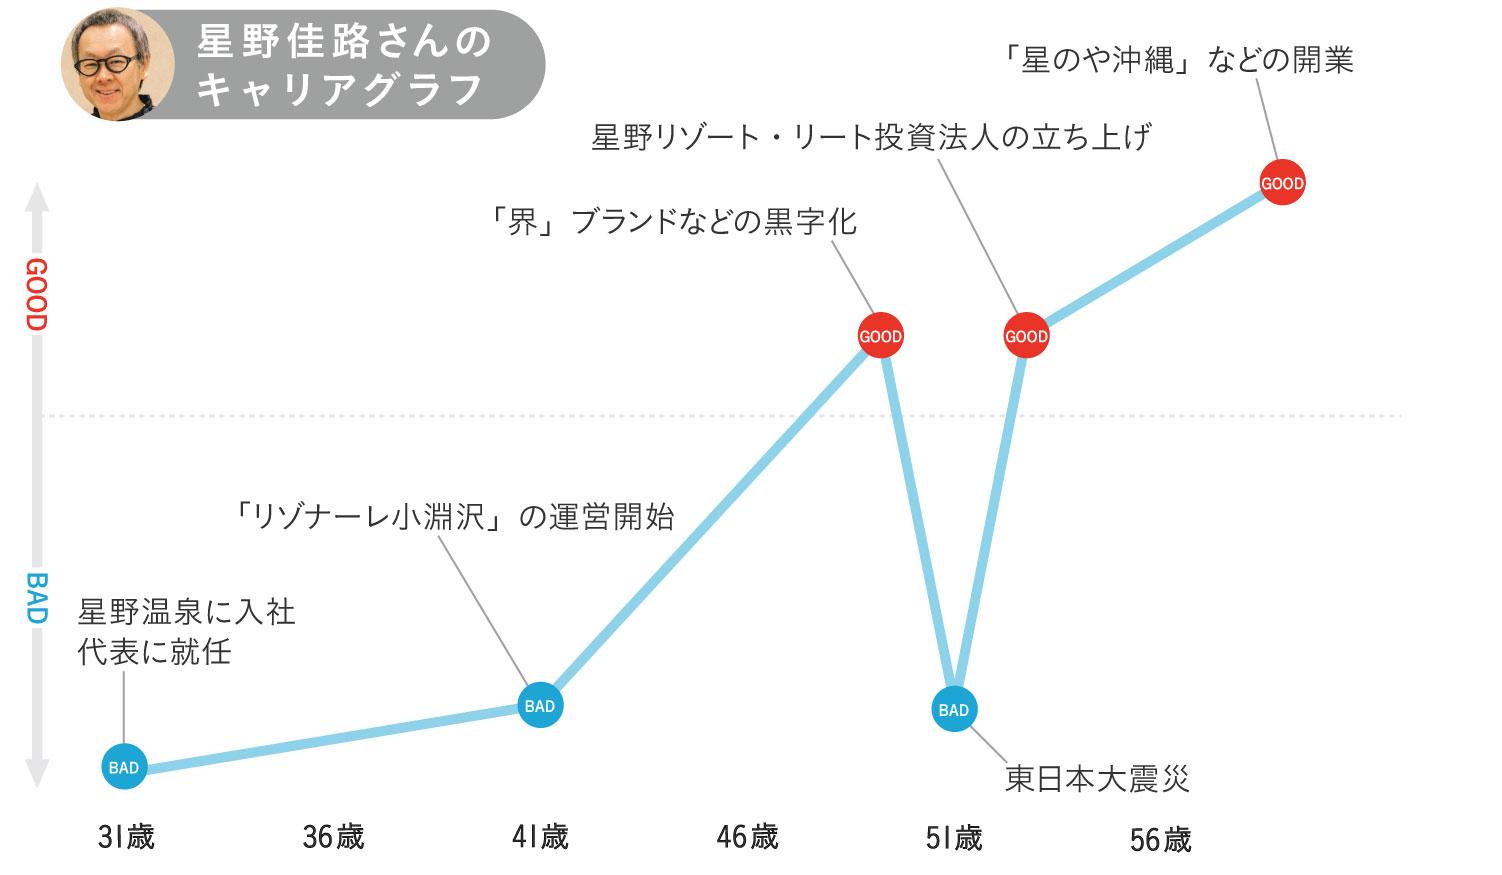 星野佳路さんのキャリアグラフ0